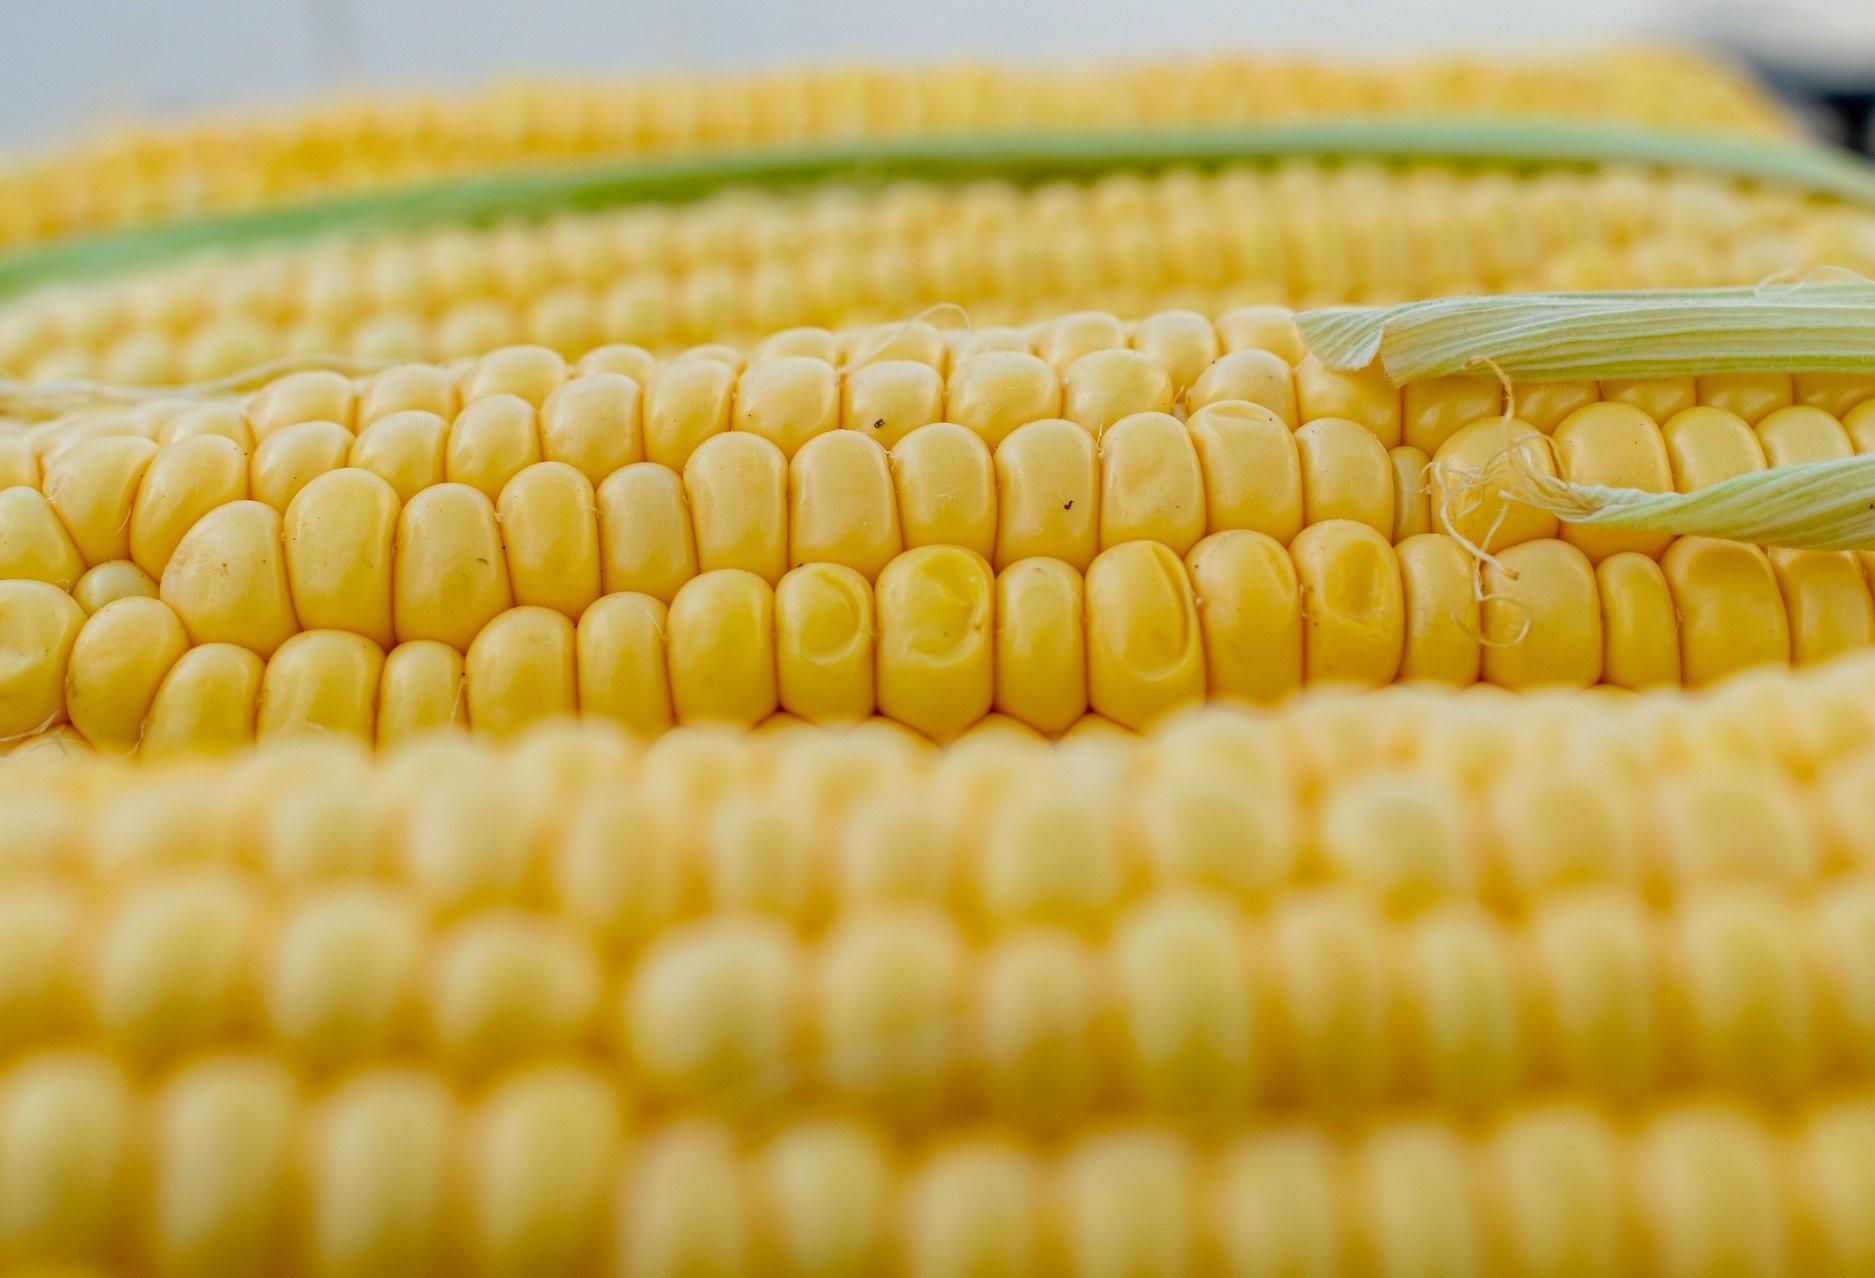 Safra de milho do Paraná tem perda de 8,5 milhões de toneladas